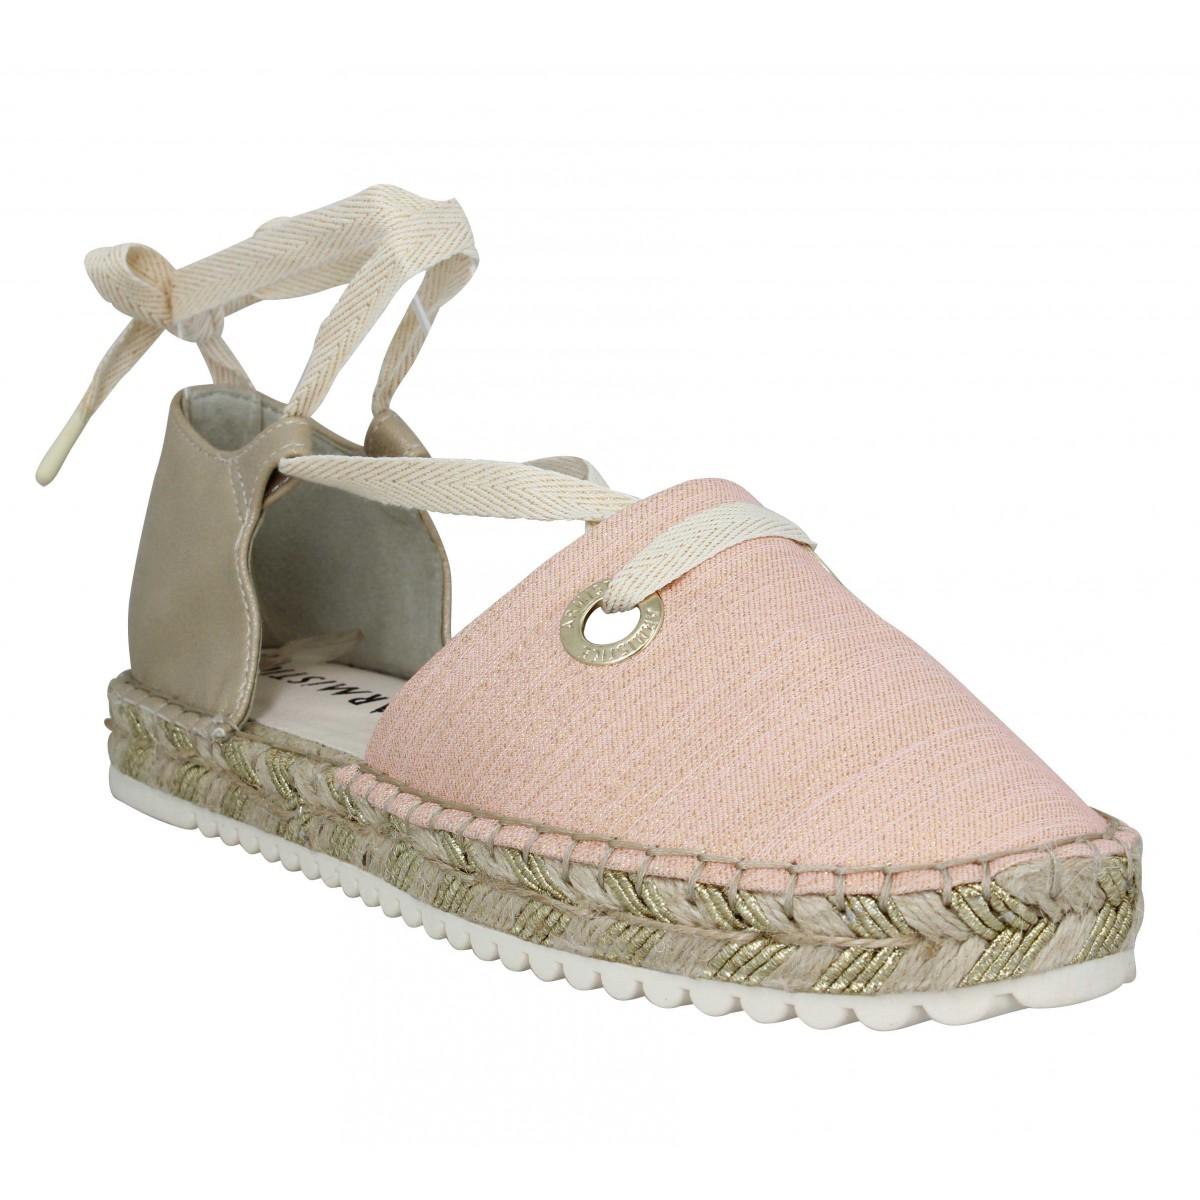 Armistice Femme Cloe Lace Toile -41-pink